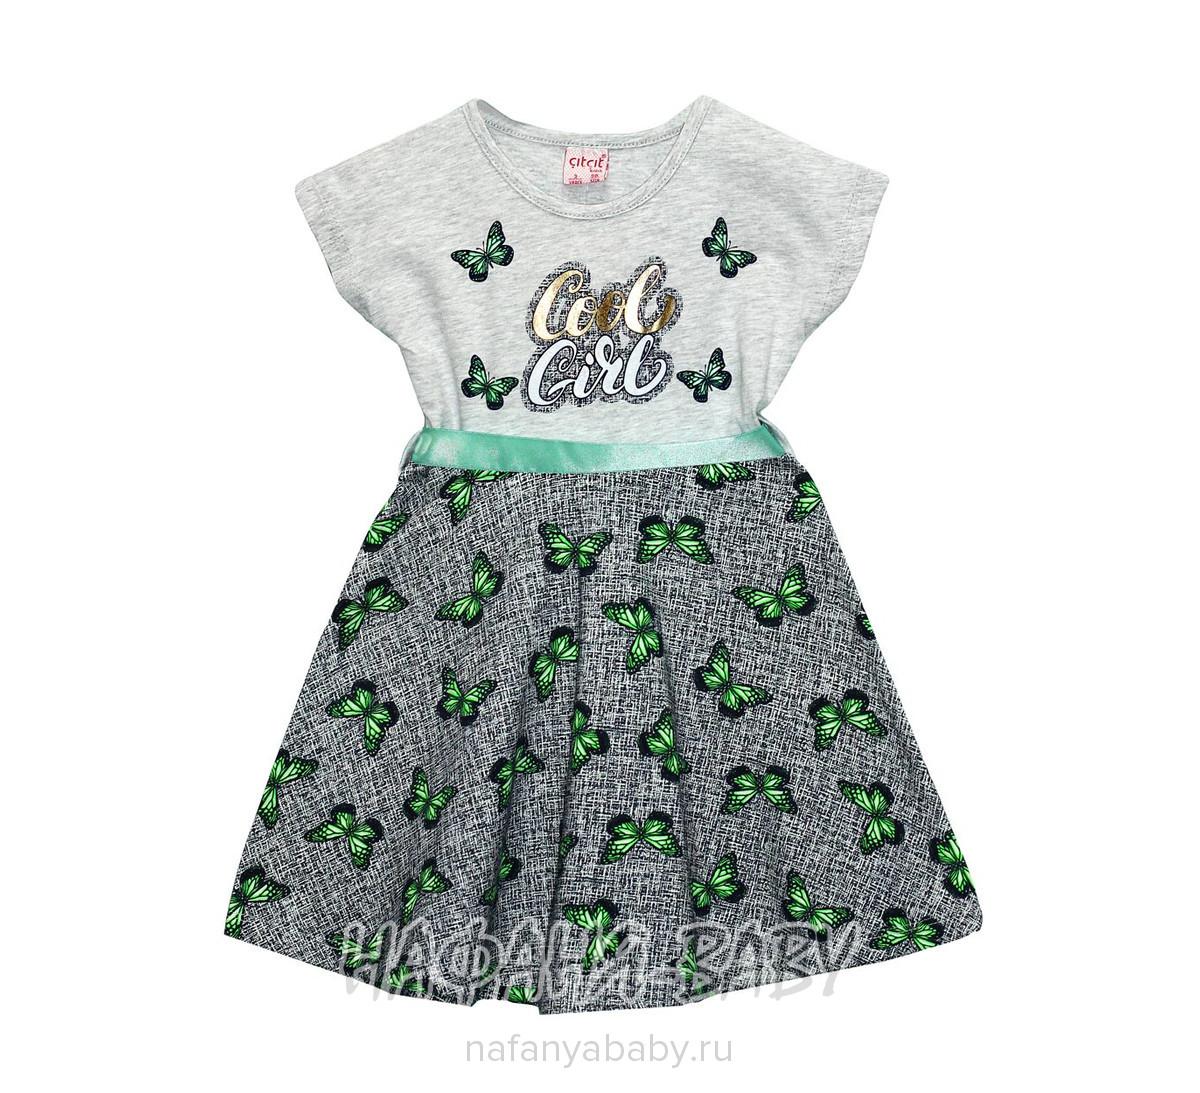 Детское платье Cit Cit арт: 4396, оптом Турция